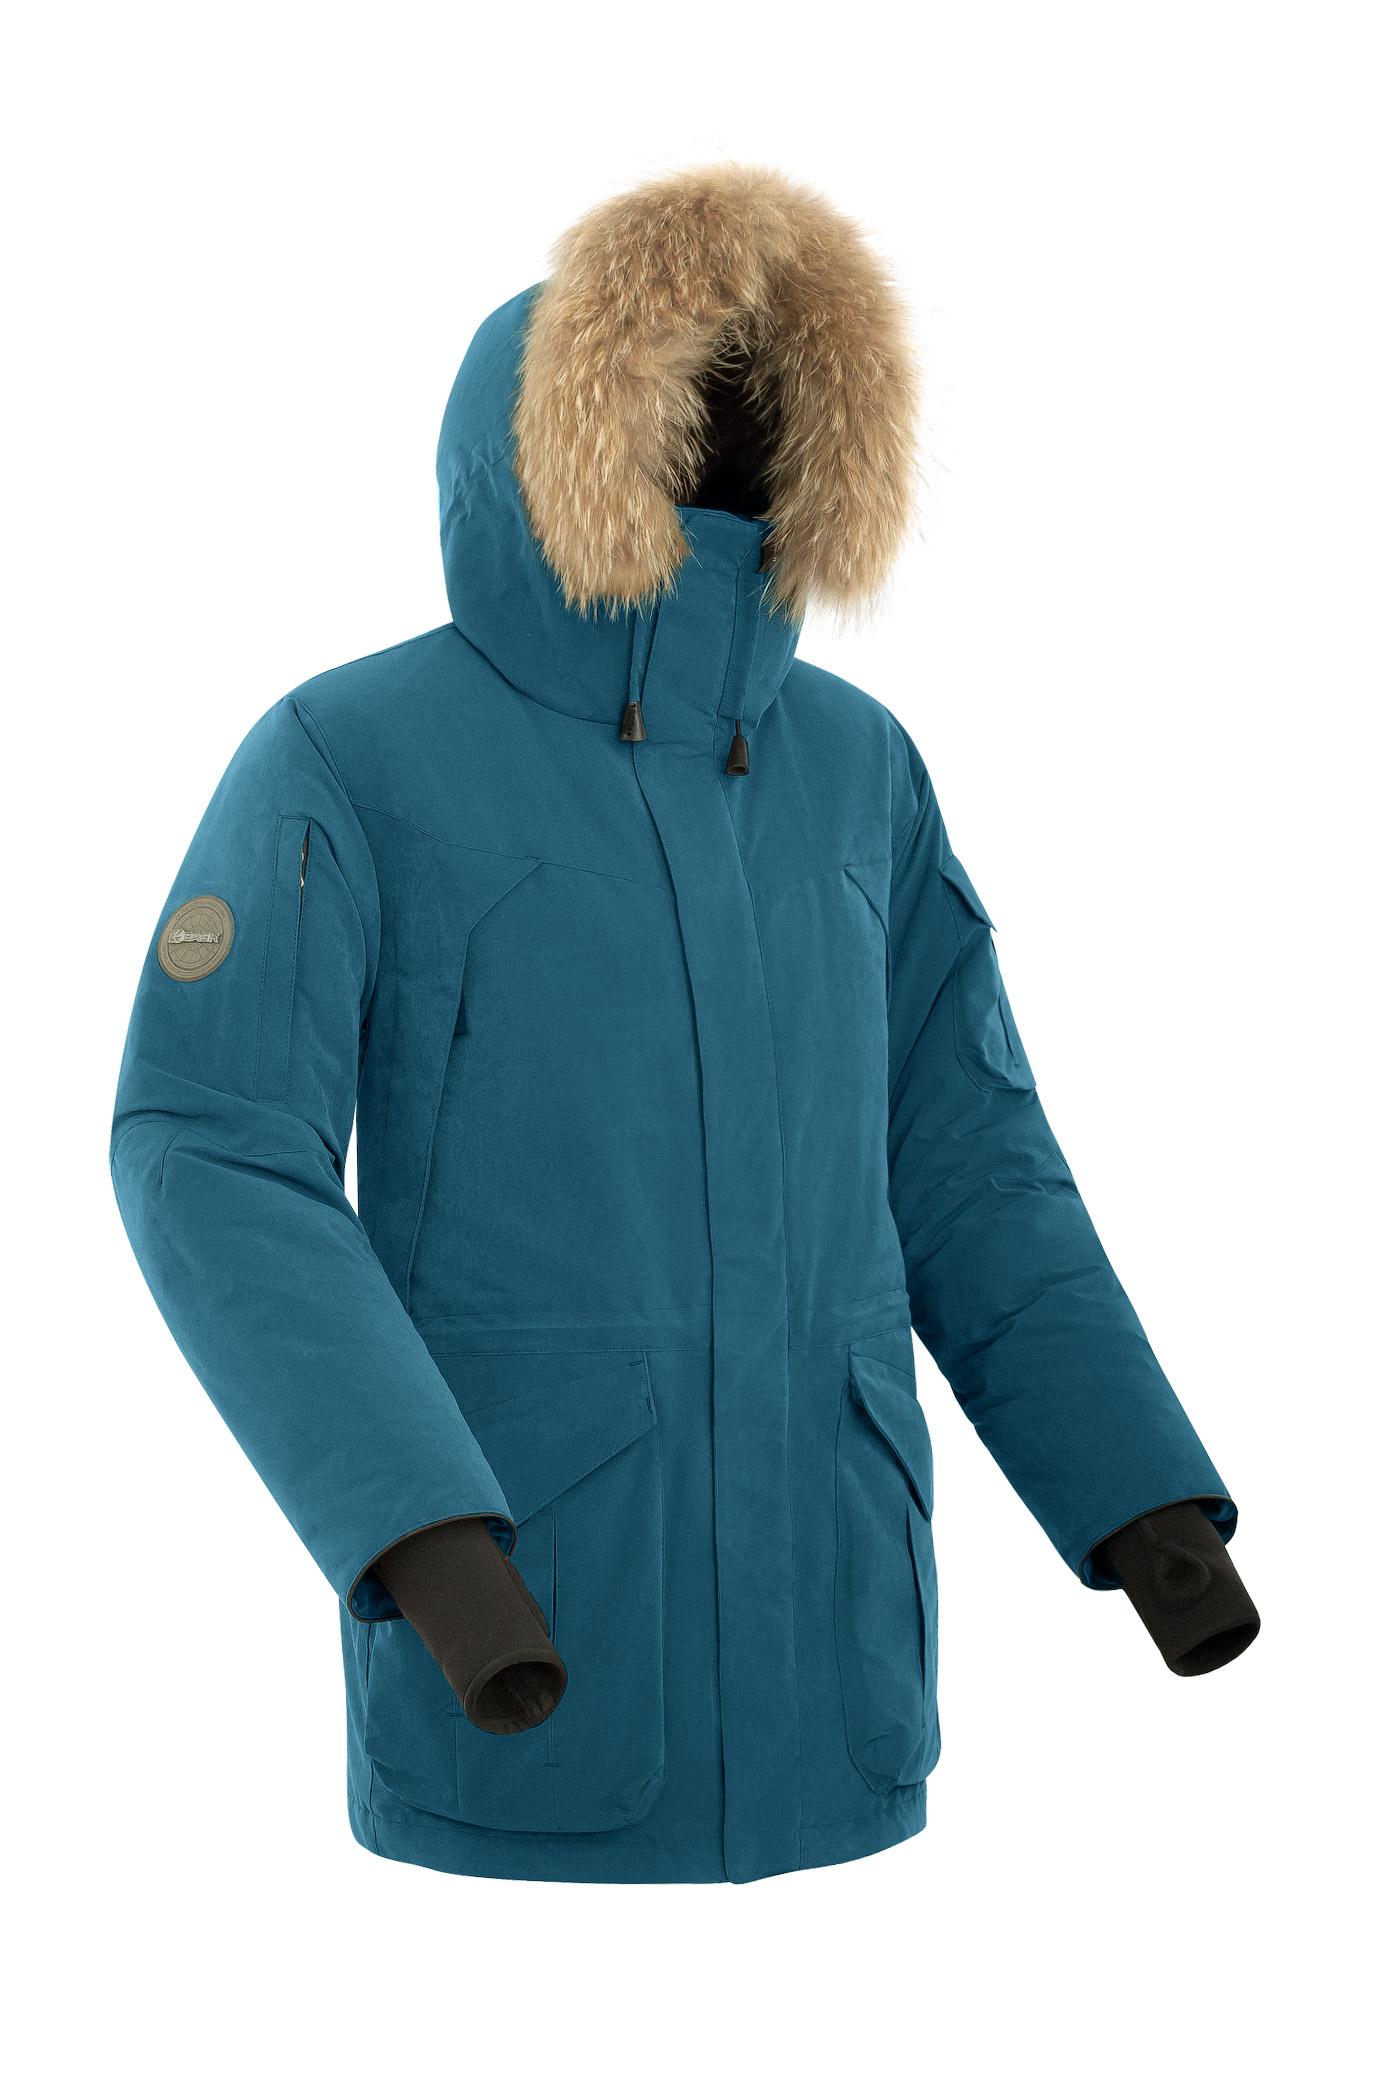 Куртка мужская Bask Alkor, синяя, 54 RU фото